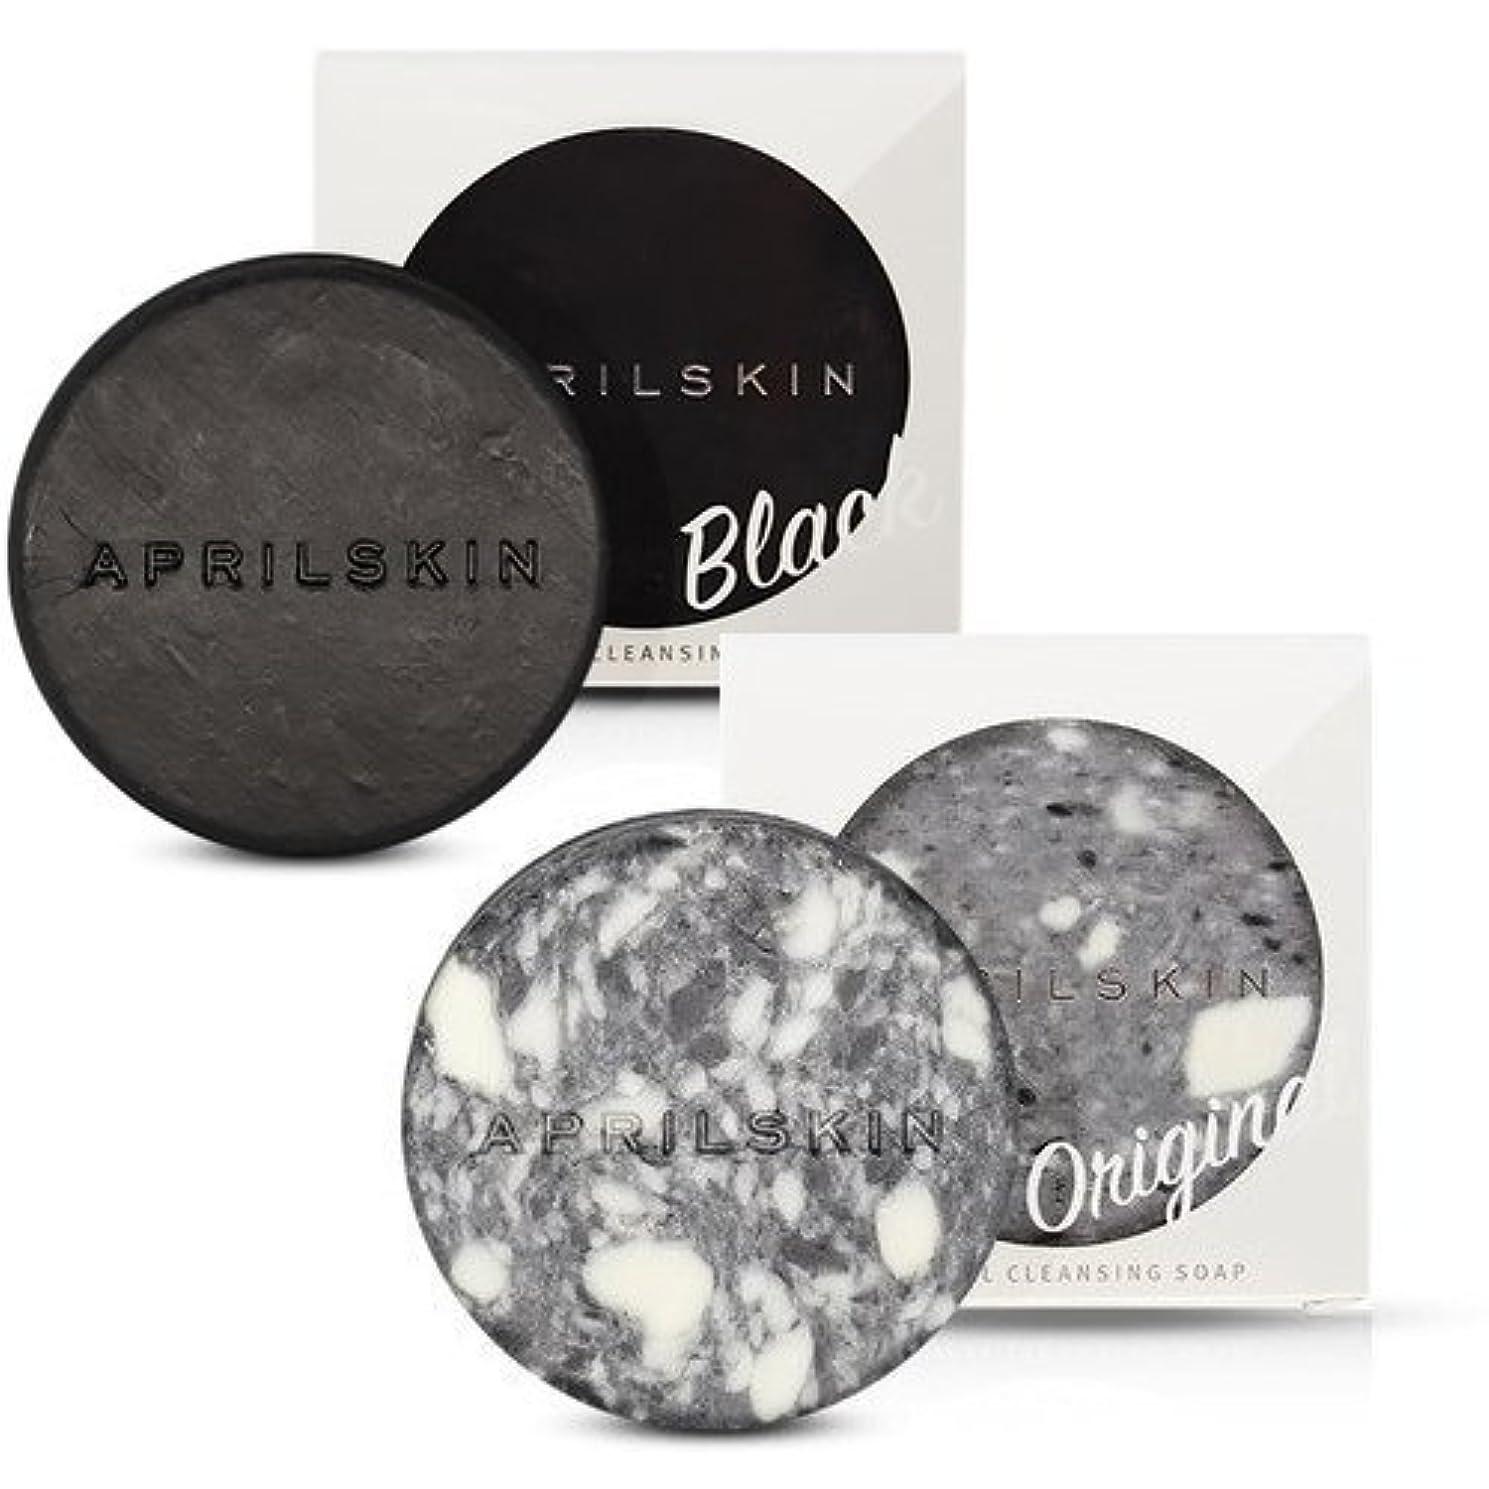 眼慣習証拠[1+1][APRILSKIN] エイプリルスキン国民石鹸 (APRIL SKIN マジックストーンのリニューアルバージョン新発売) (ORIGINAL+BLACK) [並行輸入品]